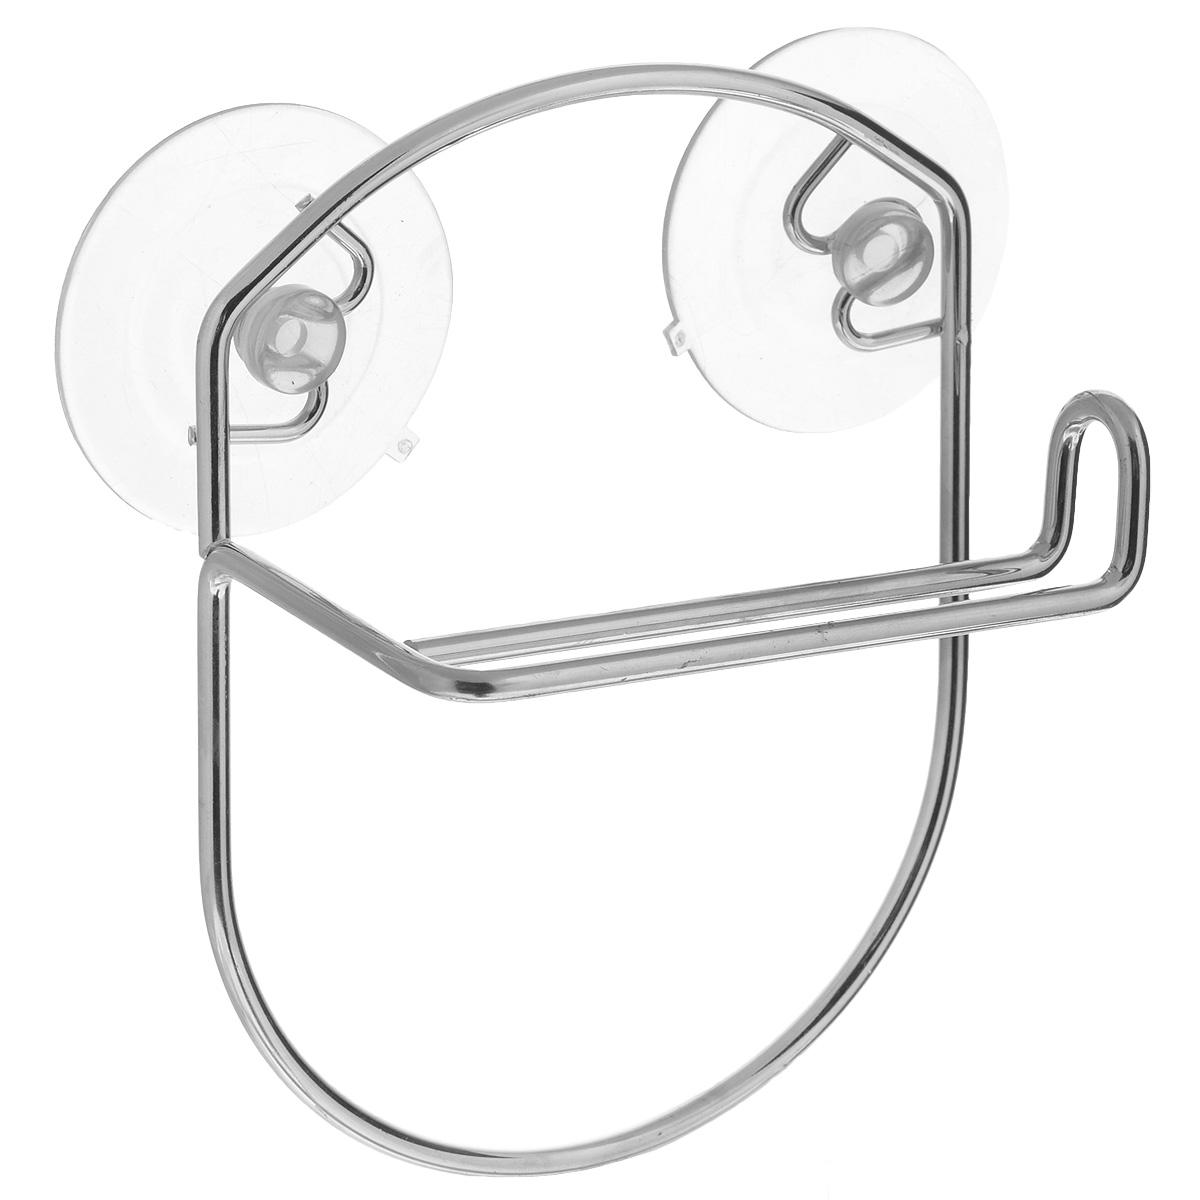 Держатель для туалетной бумаги LaSella, на присосках, цвет: металликKTW-030Держатель для туалетной бумаги LaSella изготовлен из высококачественной стали с хромированным покрытием, которое устойчиво к влажности и перепадам температуры. Держатель поможет оформить интерьер в выбранном стиле, разбавляя пространство туалетной комнаты различными элементами. Он хорошо впишется в любой интерьер, придавая ему черты современности. Для большего удобства изделие крепится к поверхностям с помощью двух присосок из поливинилхлорида (входят в комплект), что дает возможность при необходимости менять их месторасположение. Размер держателя: 13,5 см х 17,5 см х 7 см. Диаметр присоски: 6,5 см.